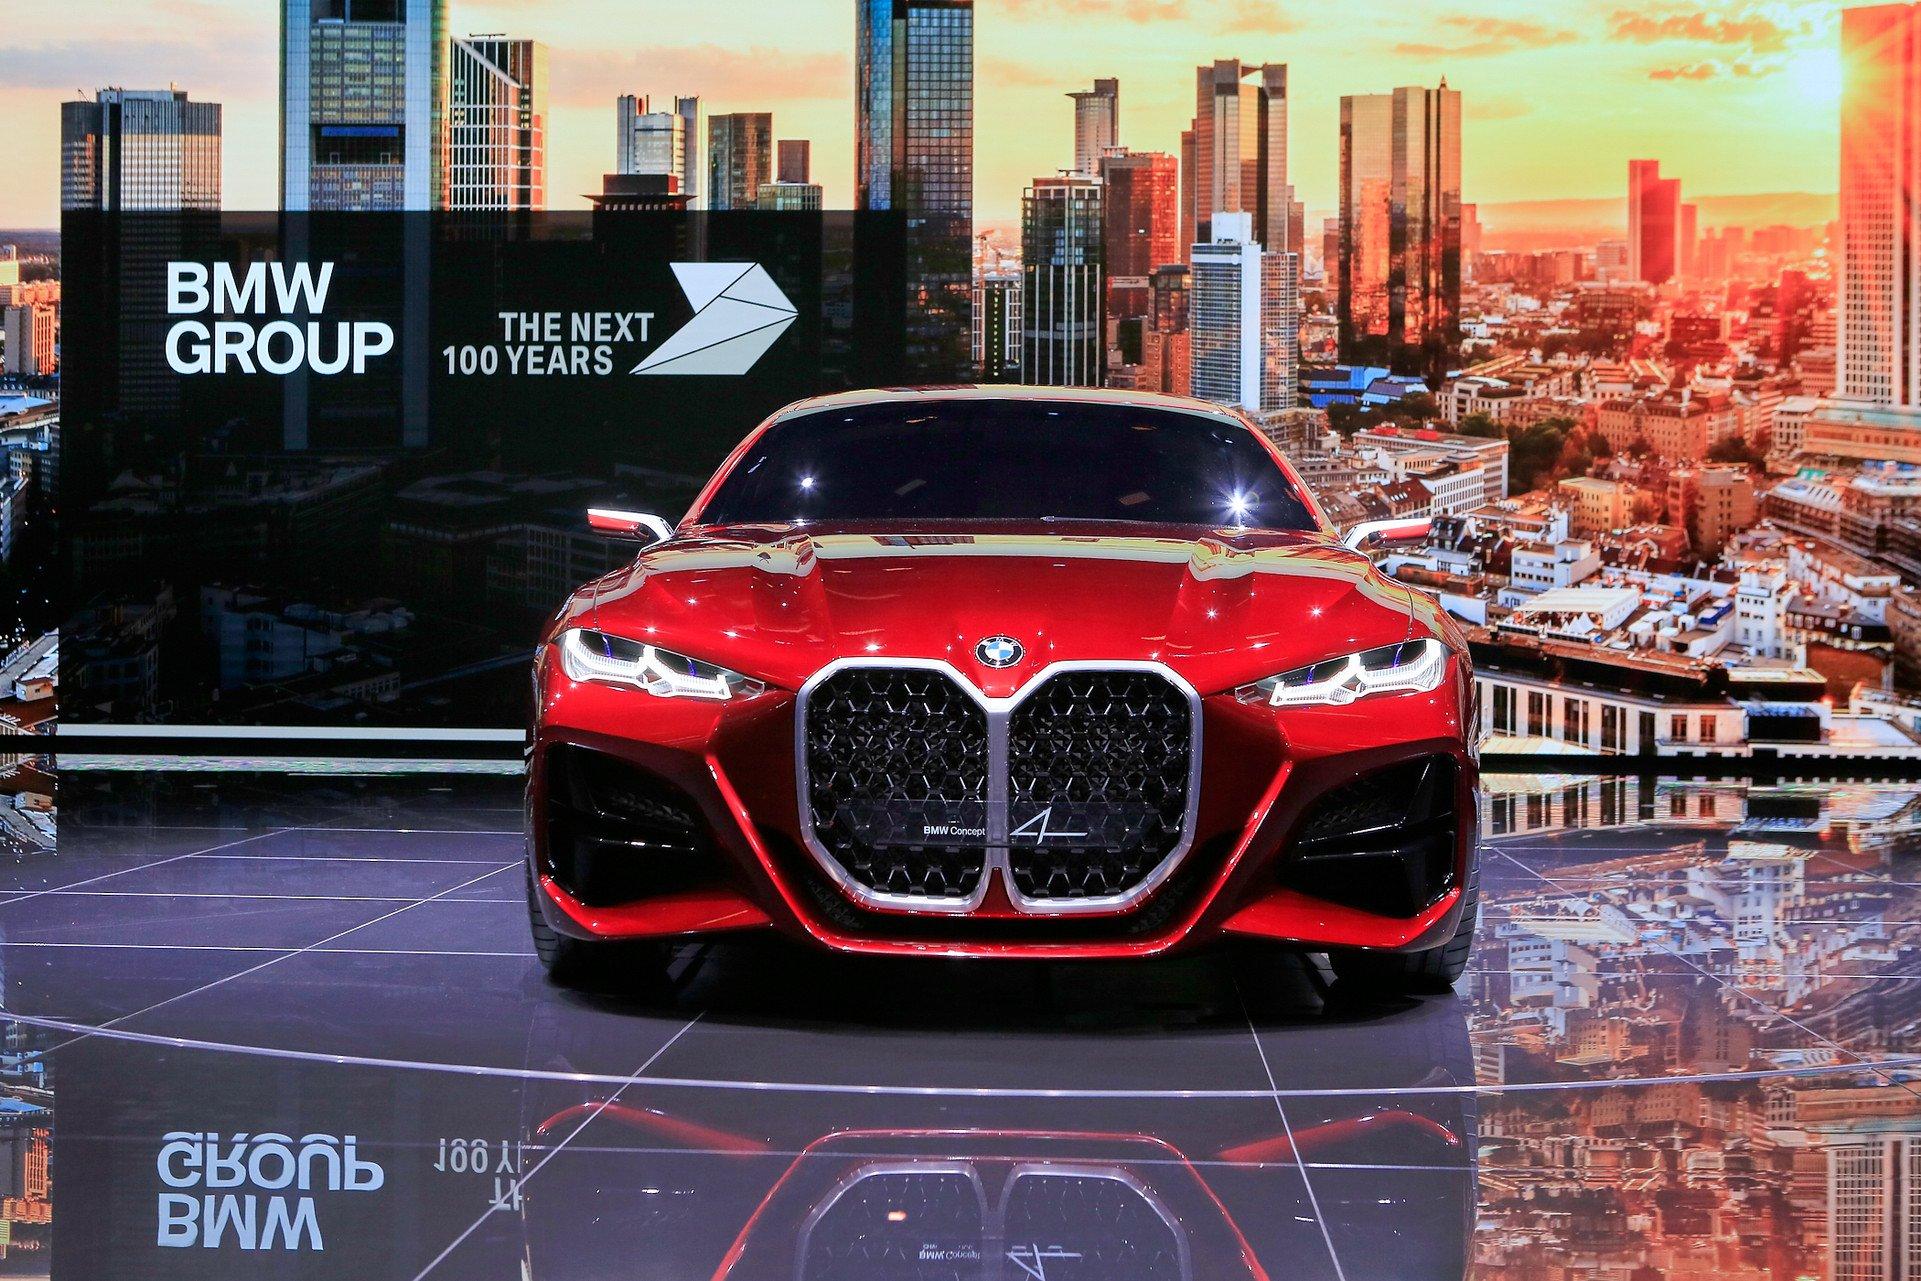 Первые фото нового купе BMW с гигантскими ноздрями | ТопЖыр